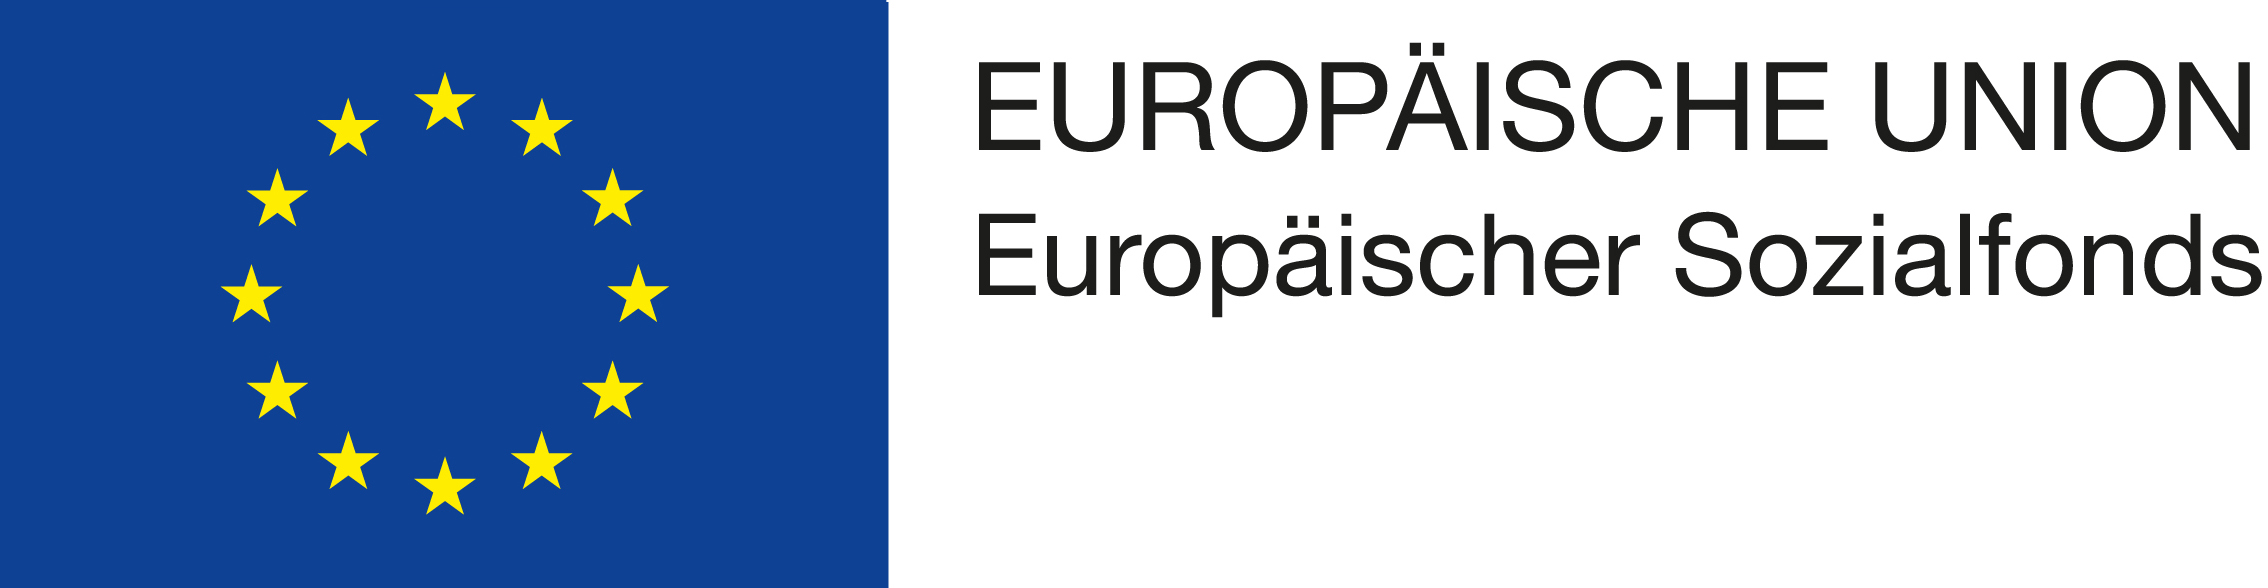 EU-Logomit_EU-und_ESF_Schriftzg_rechts-oben_neben_der_Fahne.jpg